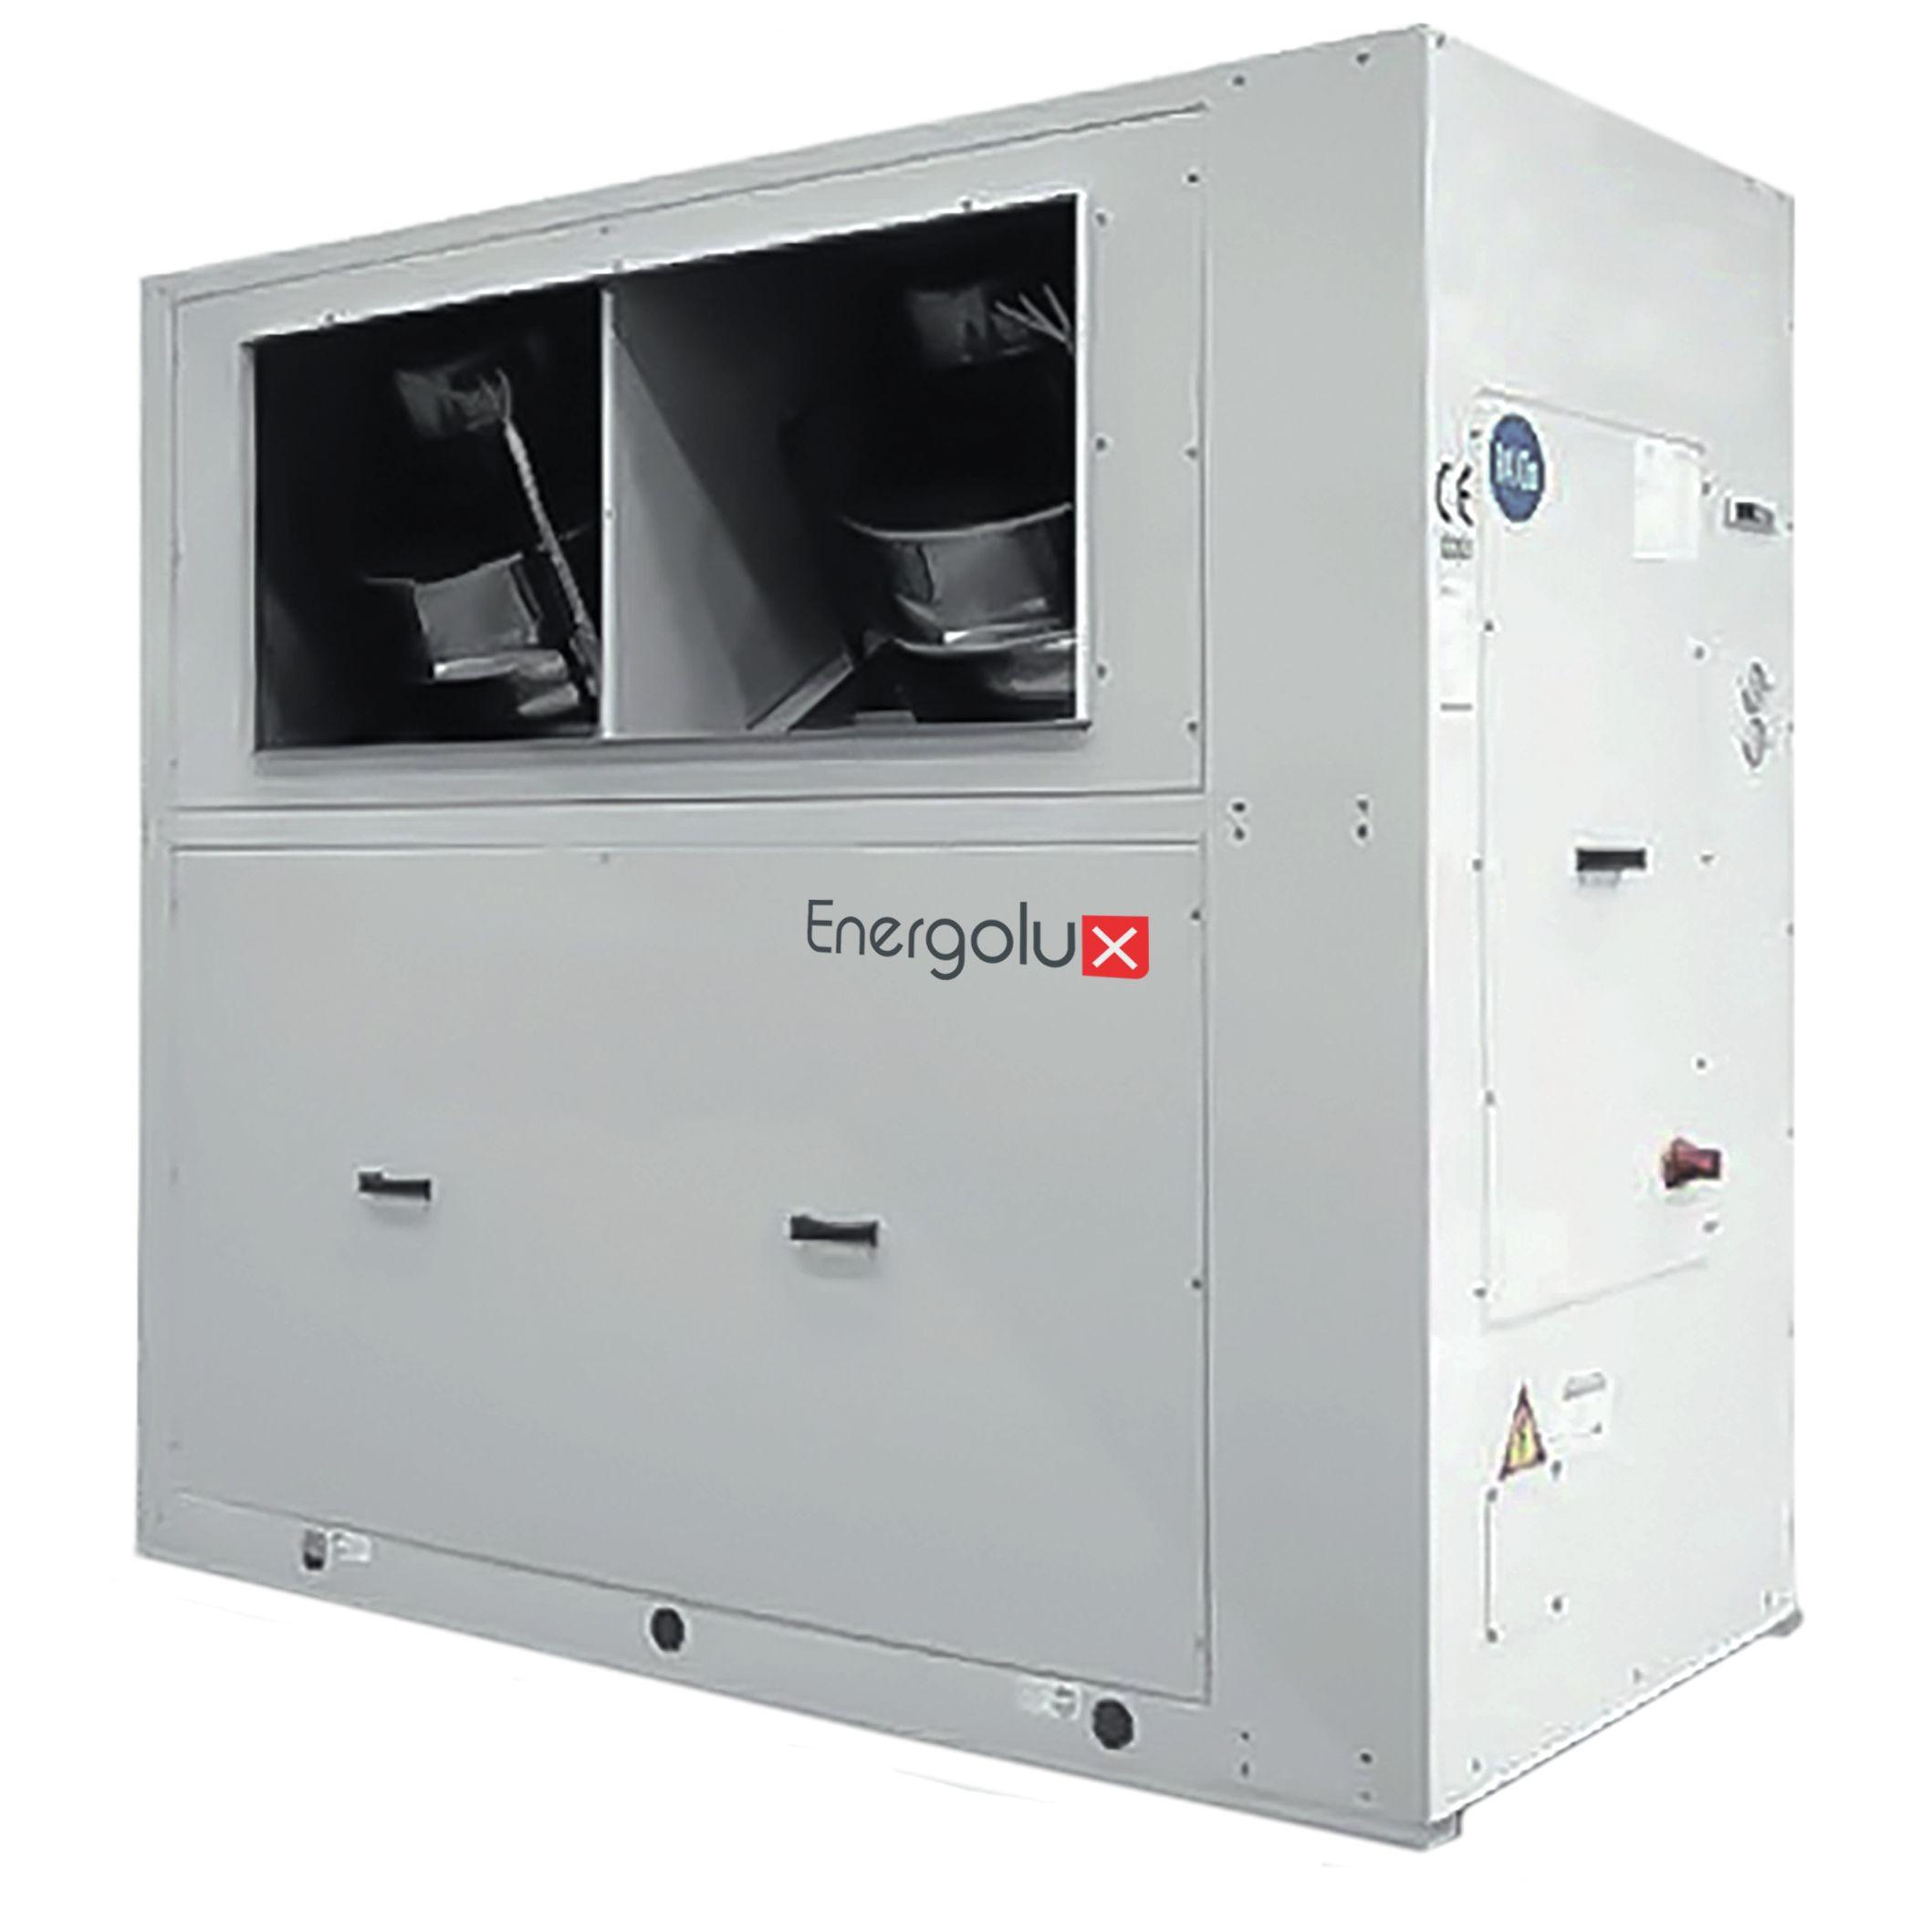 Energolux SCAW-I-T 1240 Z